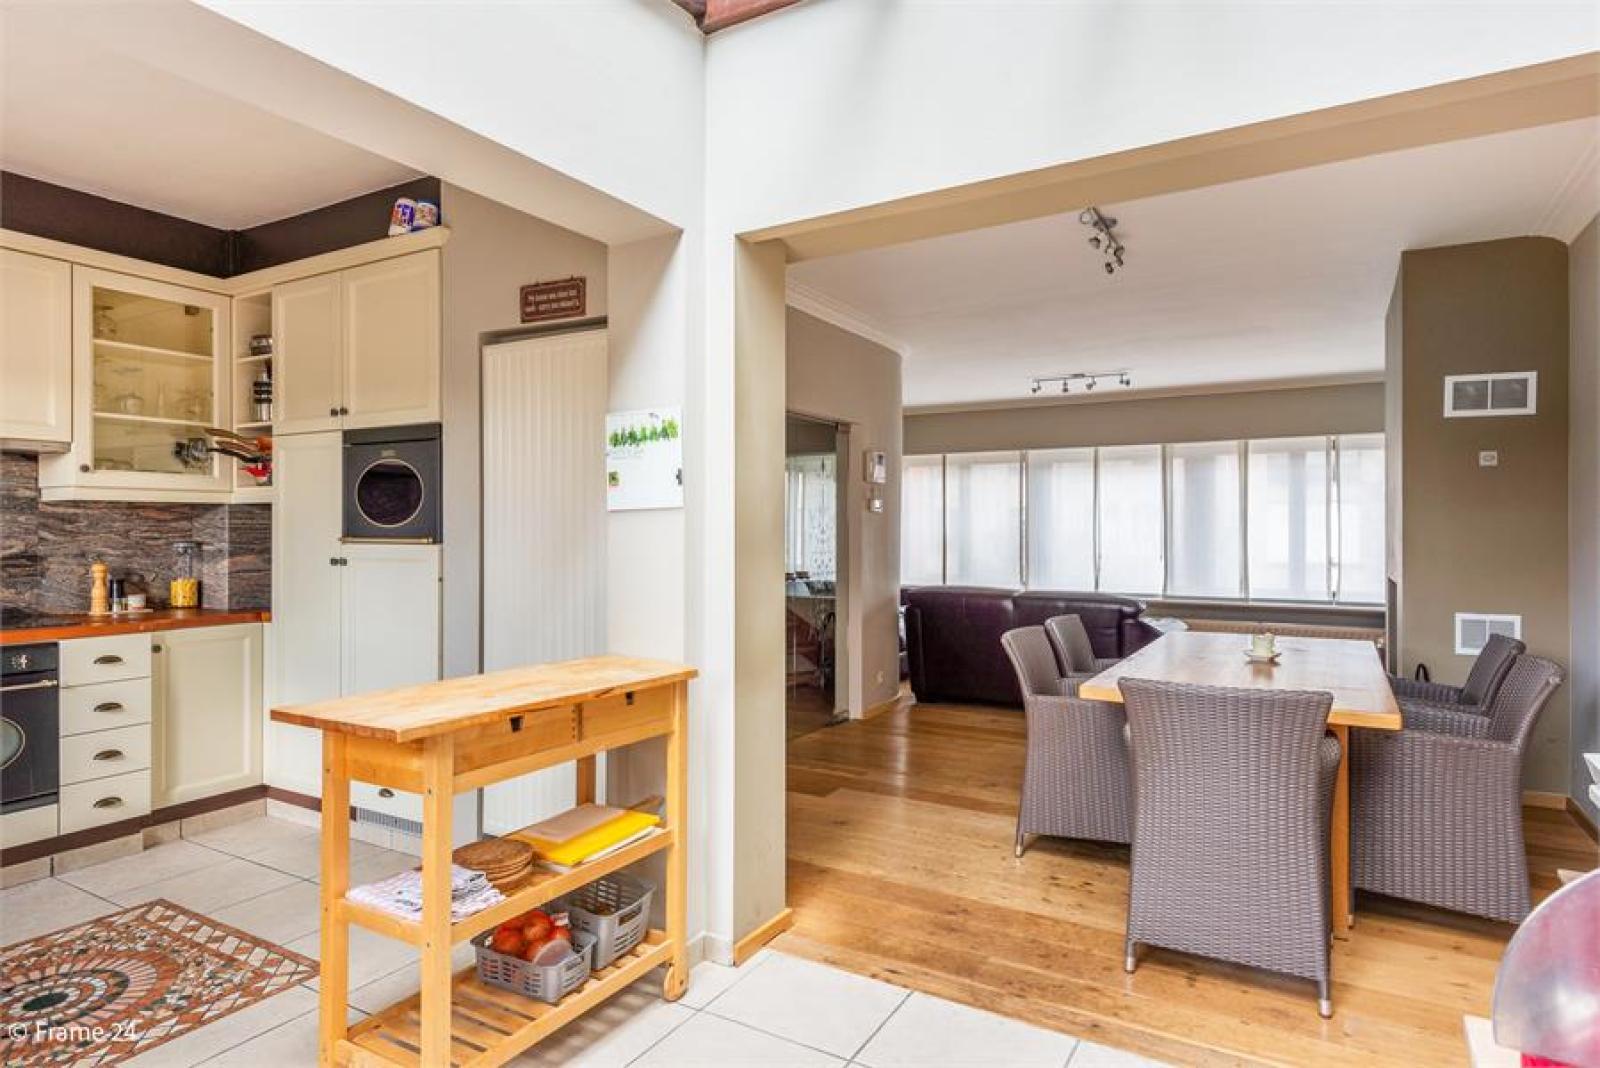 Verzorgde bel-étage met 3 slaapkamers, tuin en garage nabij centrum Wijnegem gelegen. afbeelding 8